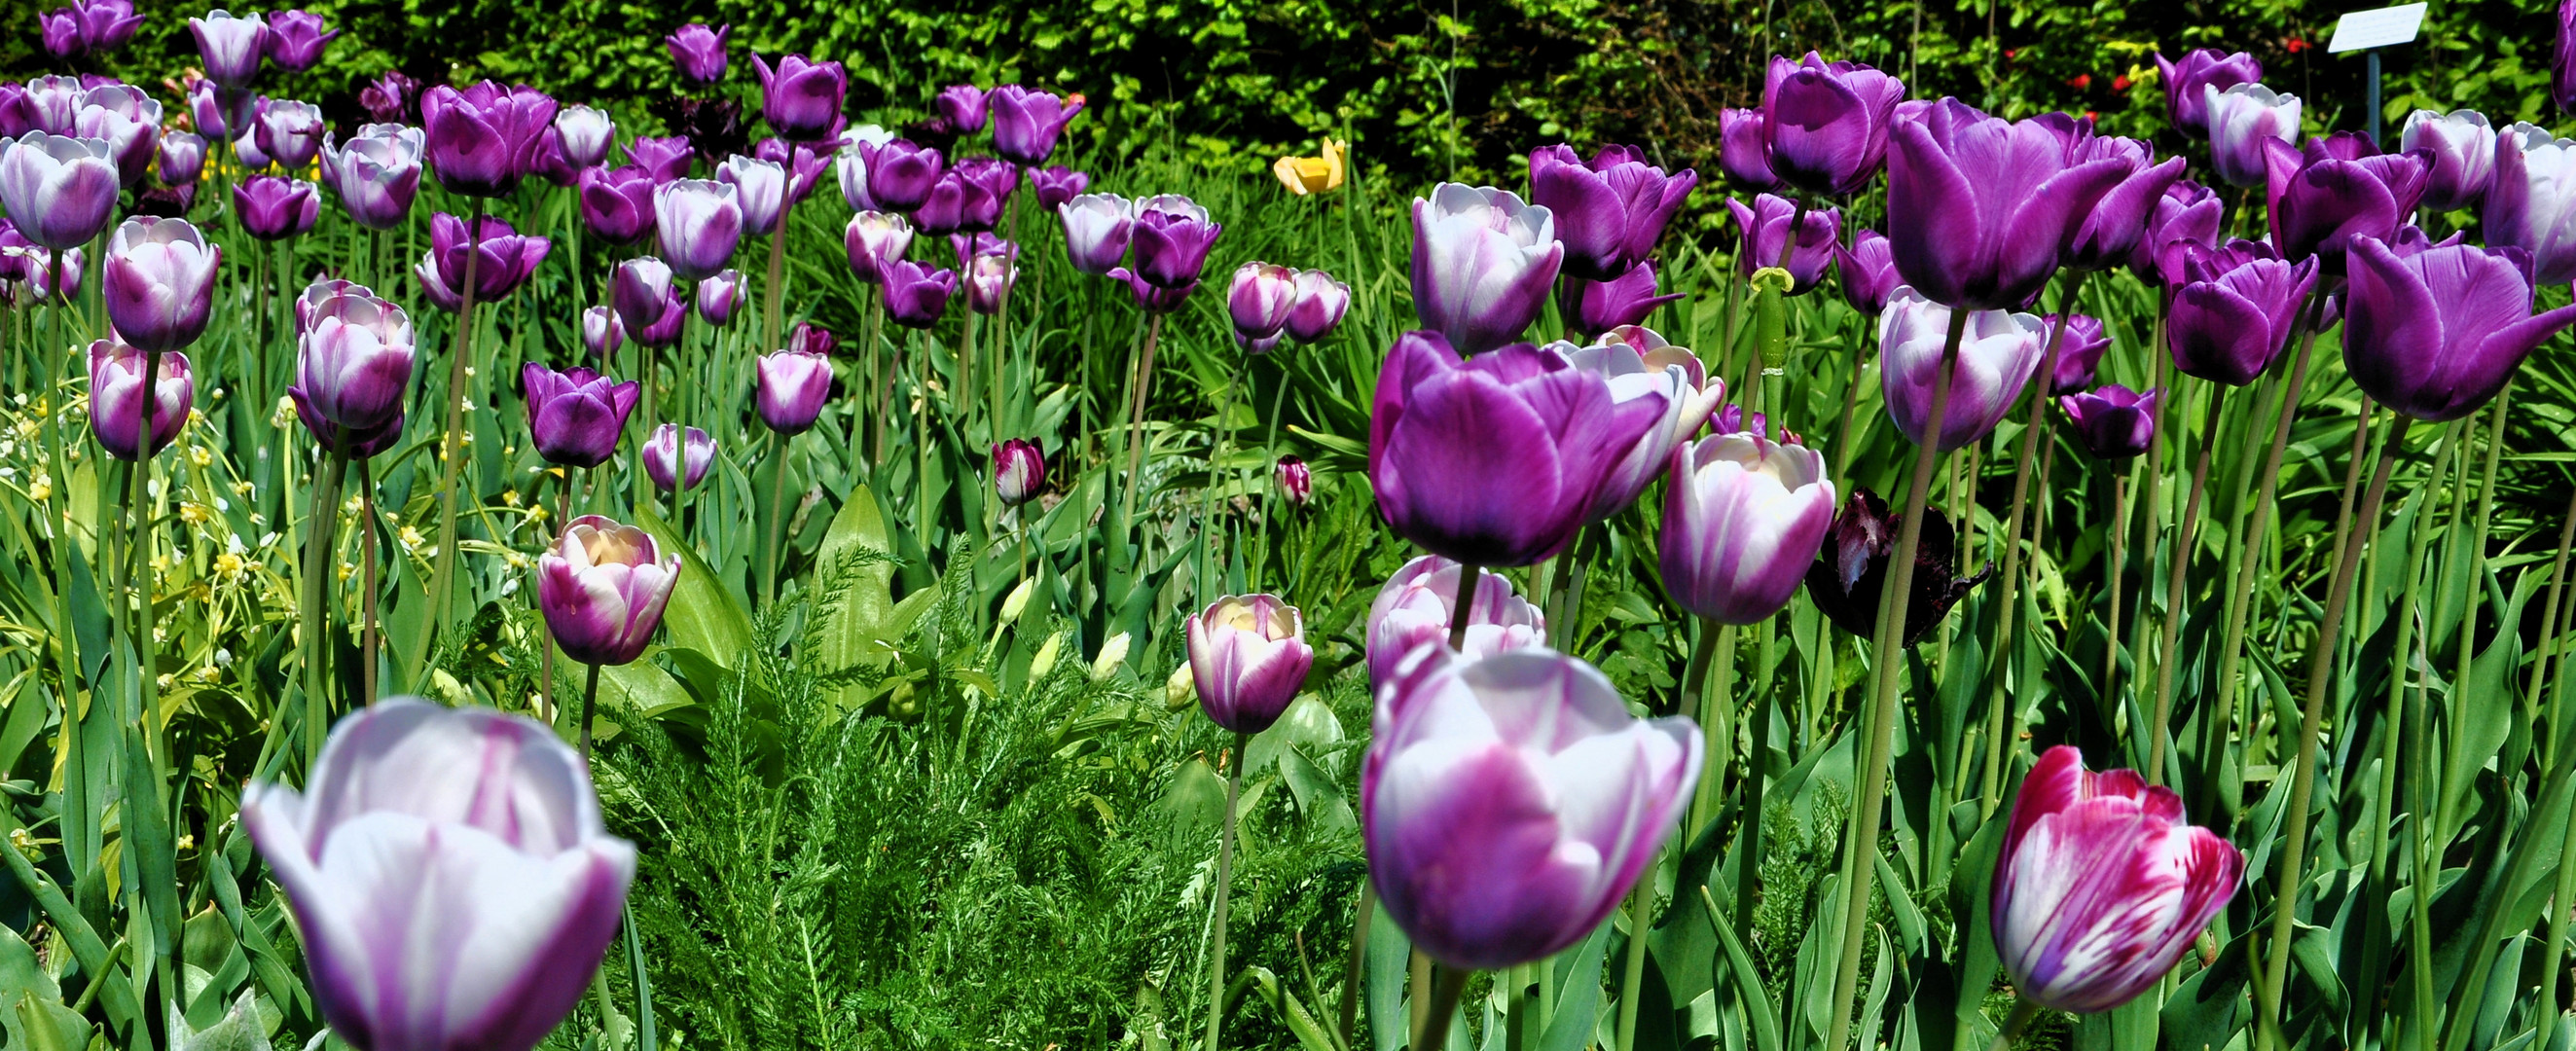 Frühling im Botanischen-Garten Chemnitz 2011.....